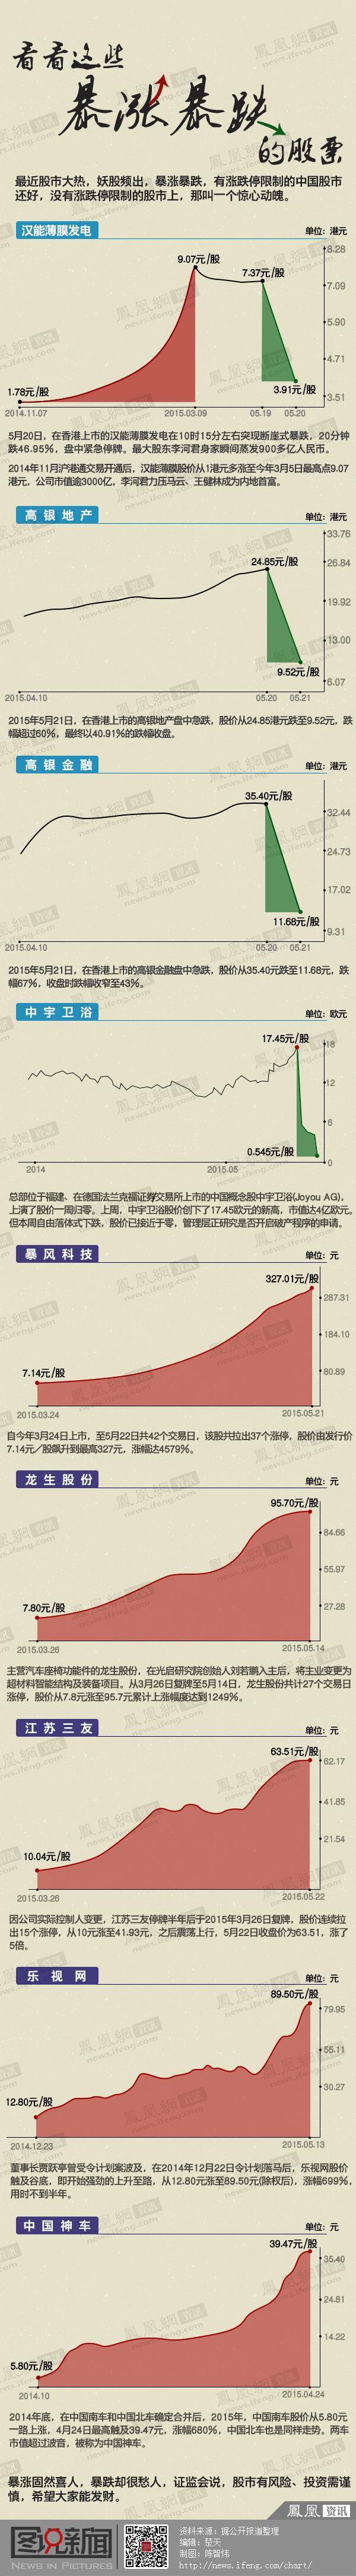 看看这些暴涨暴跌的股票